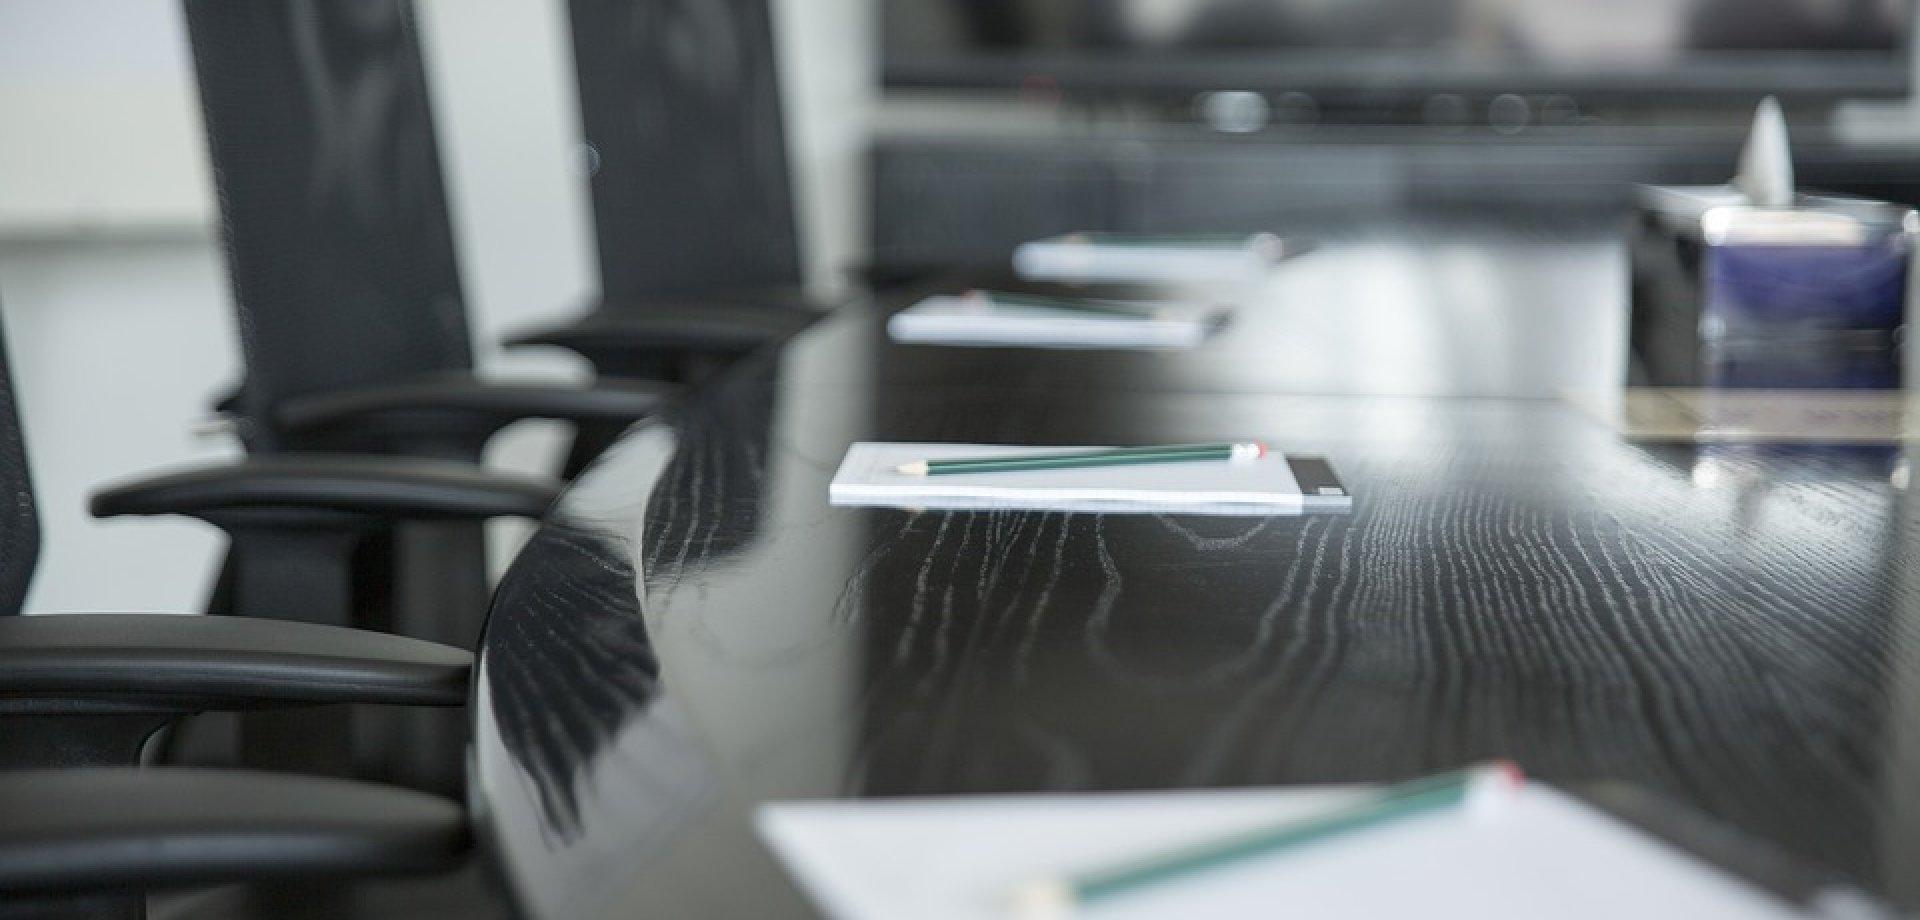 Przepis na udaną konferencję? Sprawdź, jak zorganizować ją krok po kroku